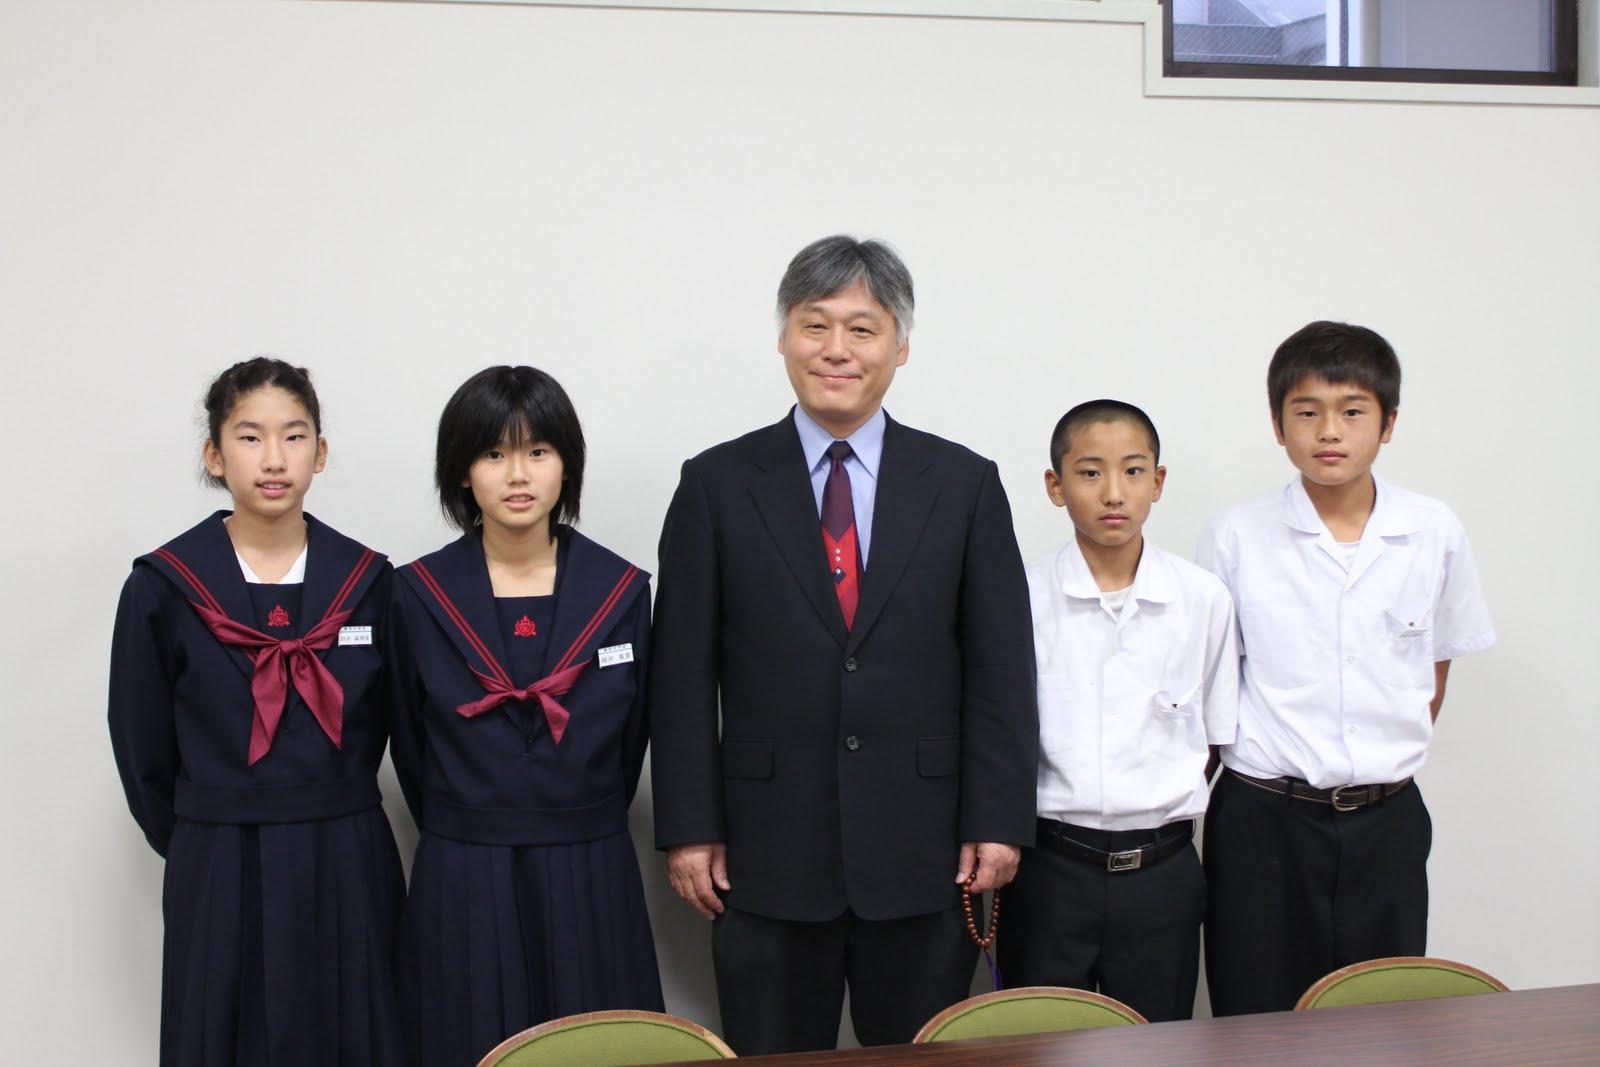 敬愛中学校・敬愛高等学校: 柳西中学校の生徒さん 来校